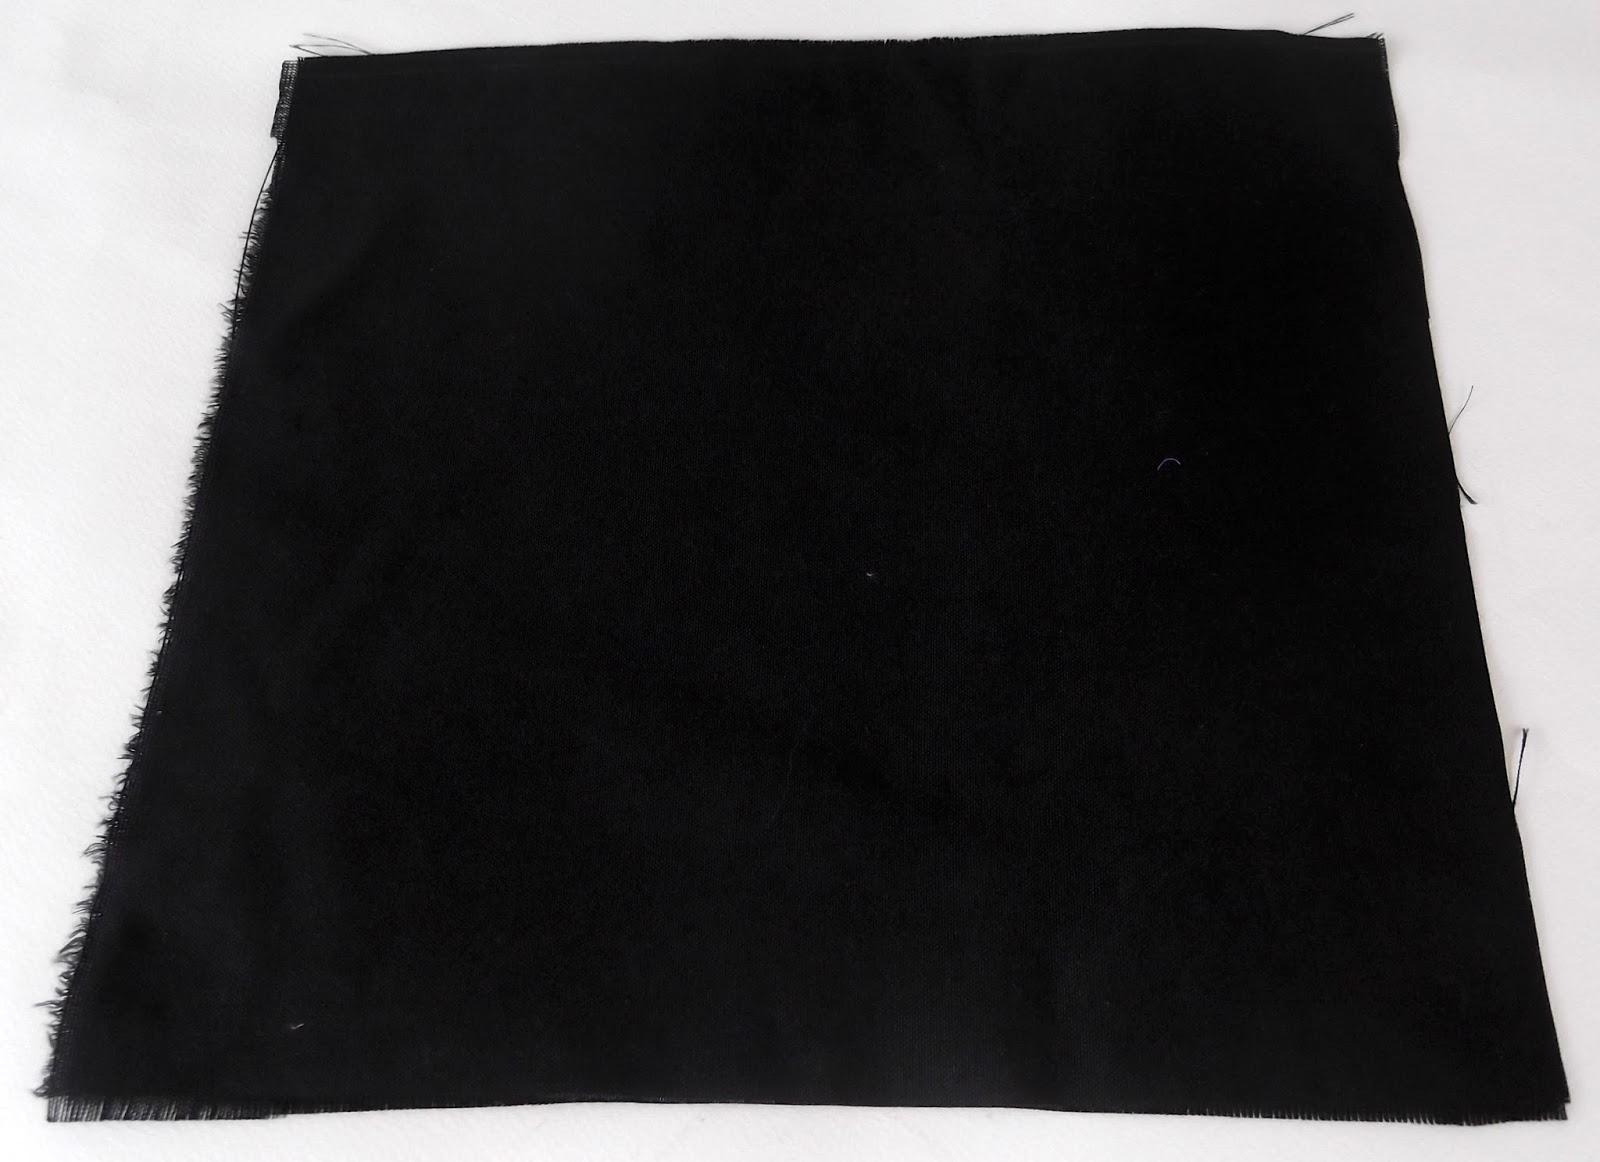 μαύρο ύφασμα, κομμάτι υφάσματος